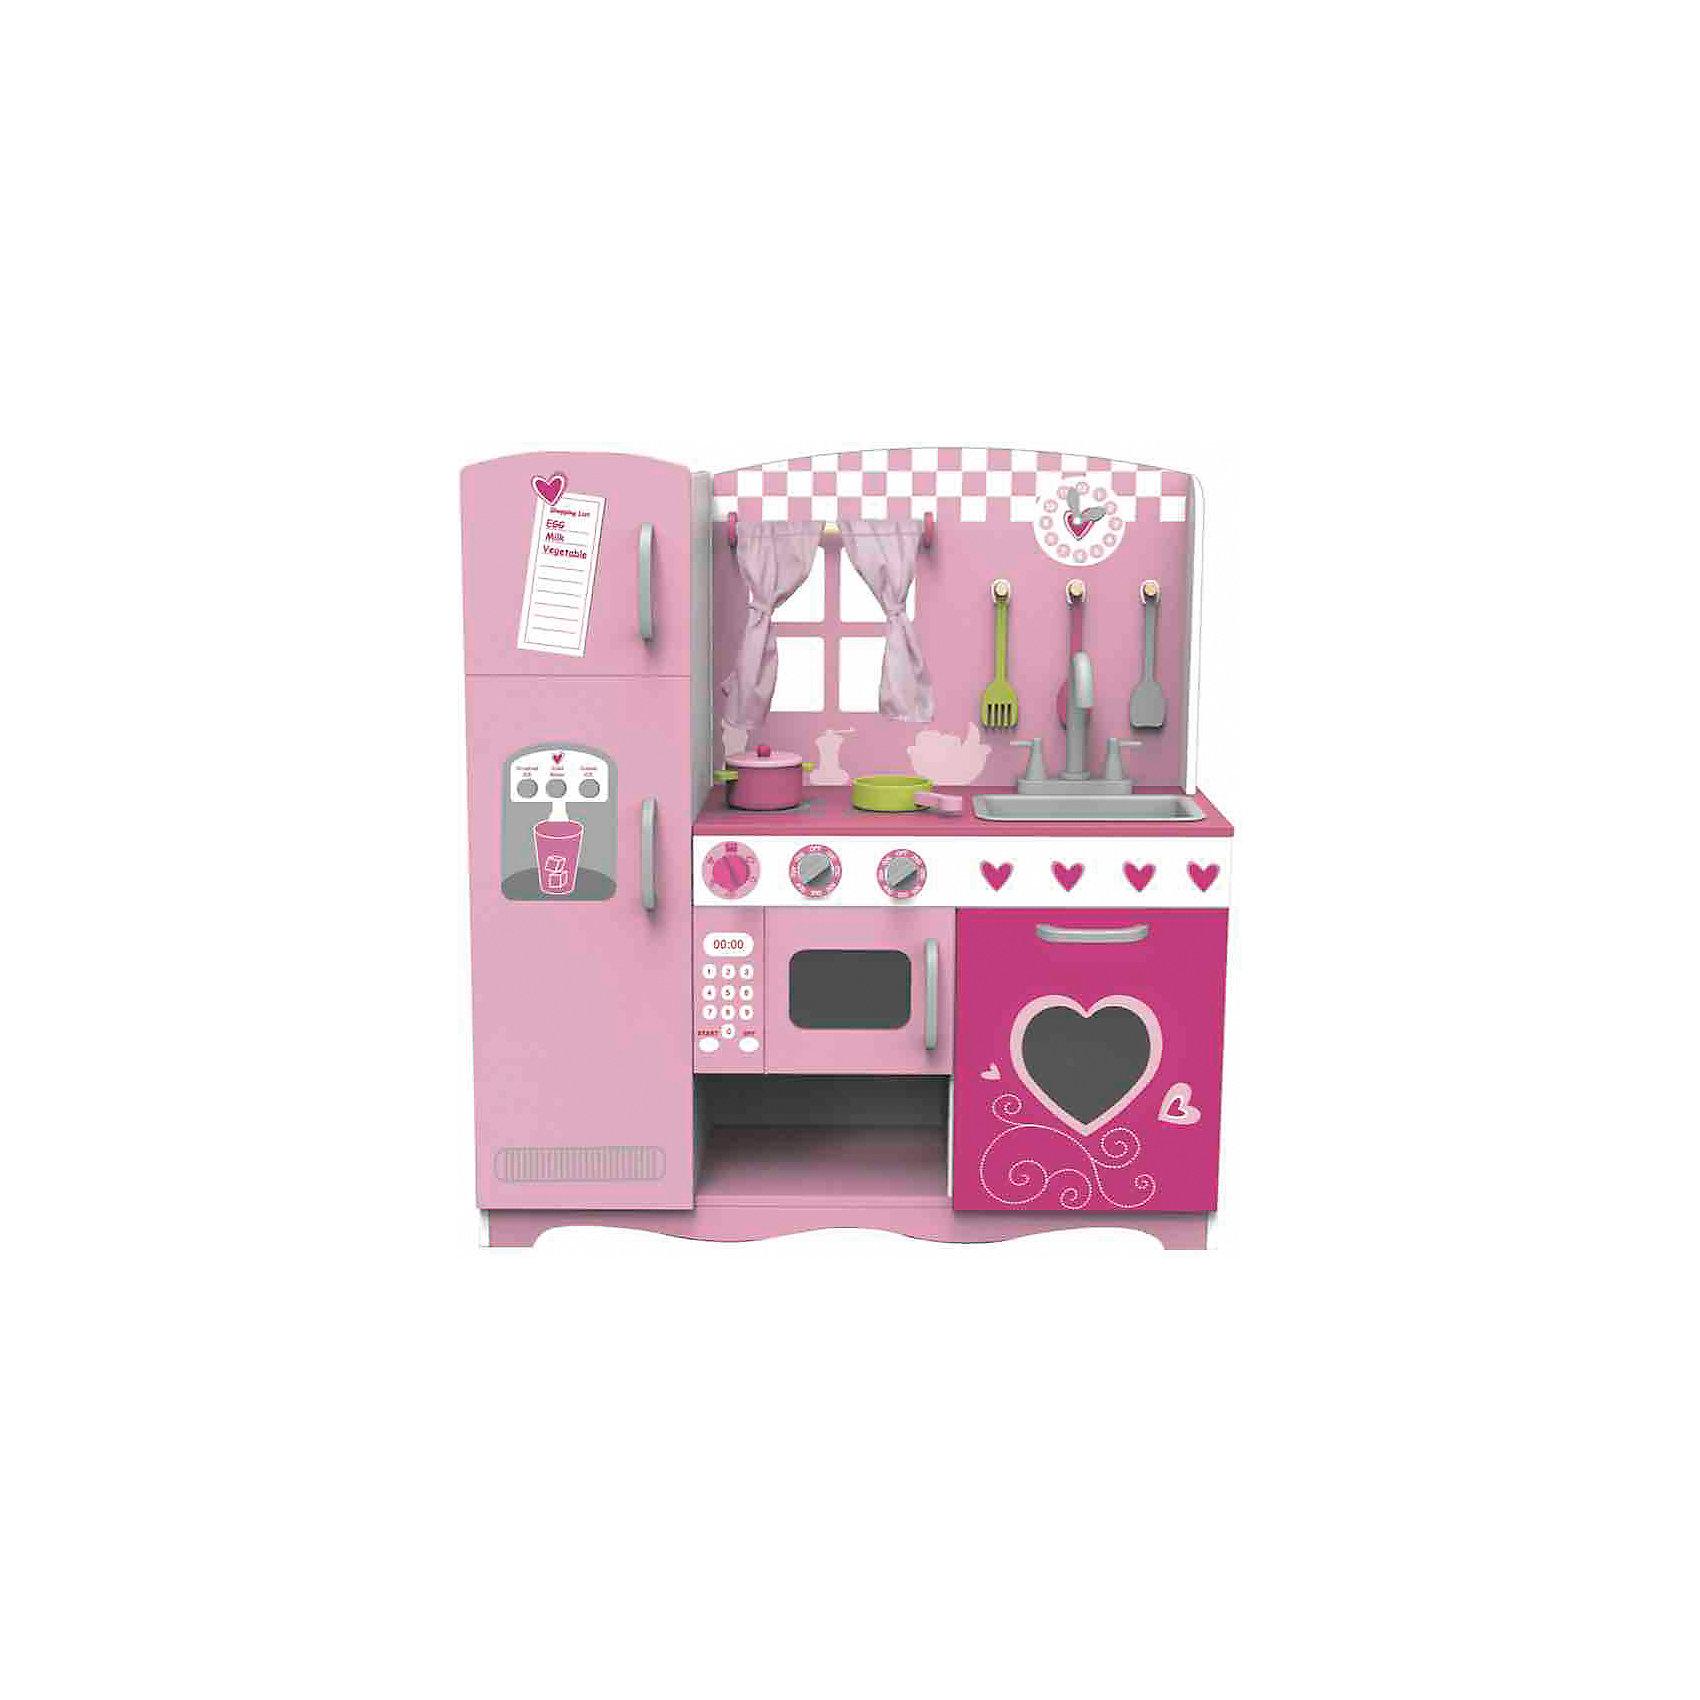 Деревянная кухня с плитой, мойкой, микроволновкой и холодильником Мечта поварёнка, Classic WorldДетские кухни<br>Характеристики товара:<br><br>• возраст: от 2 лет;<br>• материал: дерево, текстиль;<br>• в комплекте: кухня, кастрюля, сковорода, 3 предмета утвари, шторки;<br>• размер кухни: 85х33,5х91 см;<br>• размер упаковки: 96х67х10 см;<br>• вес упаковки: 21,7 кг;<br>• страна производитель: Китай.<br><br>Деревянная кухня «Мечта поваренка» Classic World — настоящая кухня для маленькой хозяйки, где она попробует себя шеф-поваром и приготовит вкусные блюда. <br><br>Кухня оборудована всем необходимым для приготовления блюд: микроволновой печью, варочной панелью и посудой. Продукты хранятся в холодильнике с 2 отделениями и открывающимися дверцами. Дополнительный шкафчик позволит аккуратно хранить все вещи и предметы. На крючках висят предметы утвари.<br><br>Кухня и предметы выполнены из качественного натурального дерева, отшлифованы и не имеют опасных элементов.<br><br>Деревянную кухню «Мечта поваренка» Classic World можно приобрести в нашем интернет-магазине.<br><br>Ширина мм: 960<br>Глубина мм: 100<br>Высота мм: 670<br>Вес г: 21700<br>Возраст от месяцев: 36<br>Возраст до месяцев: 2147483647<br>Пол: Женский<br>Возраст: Детский<br>SKU: 6844327